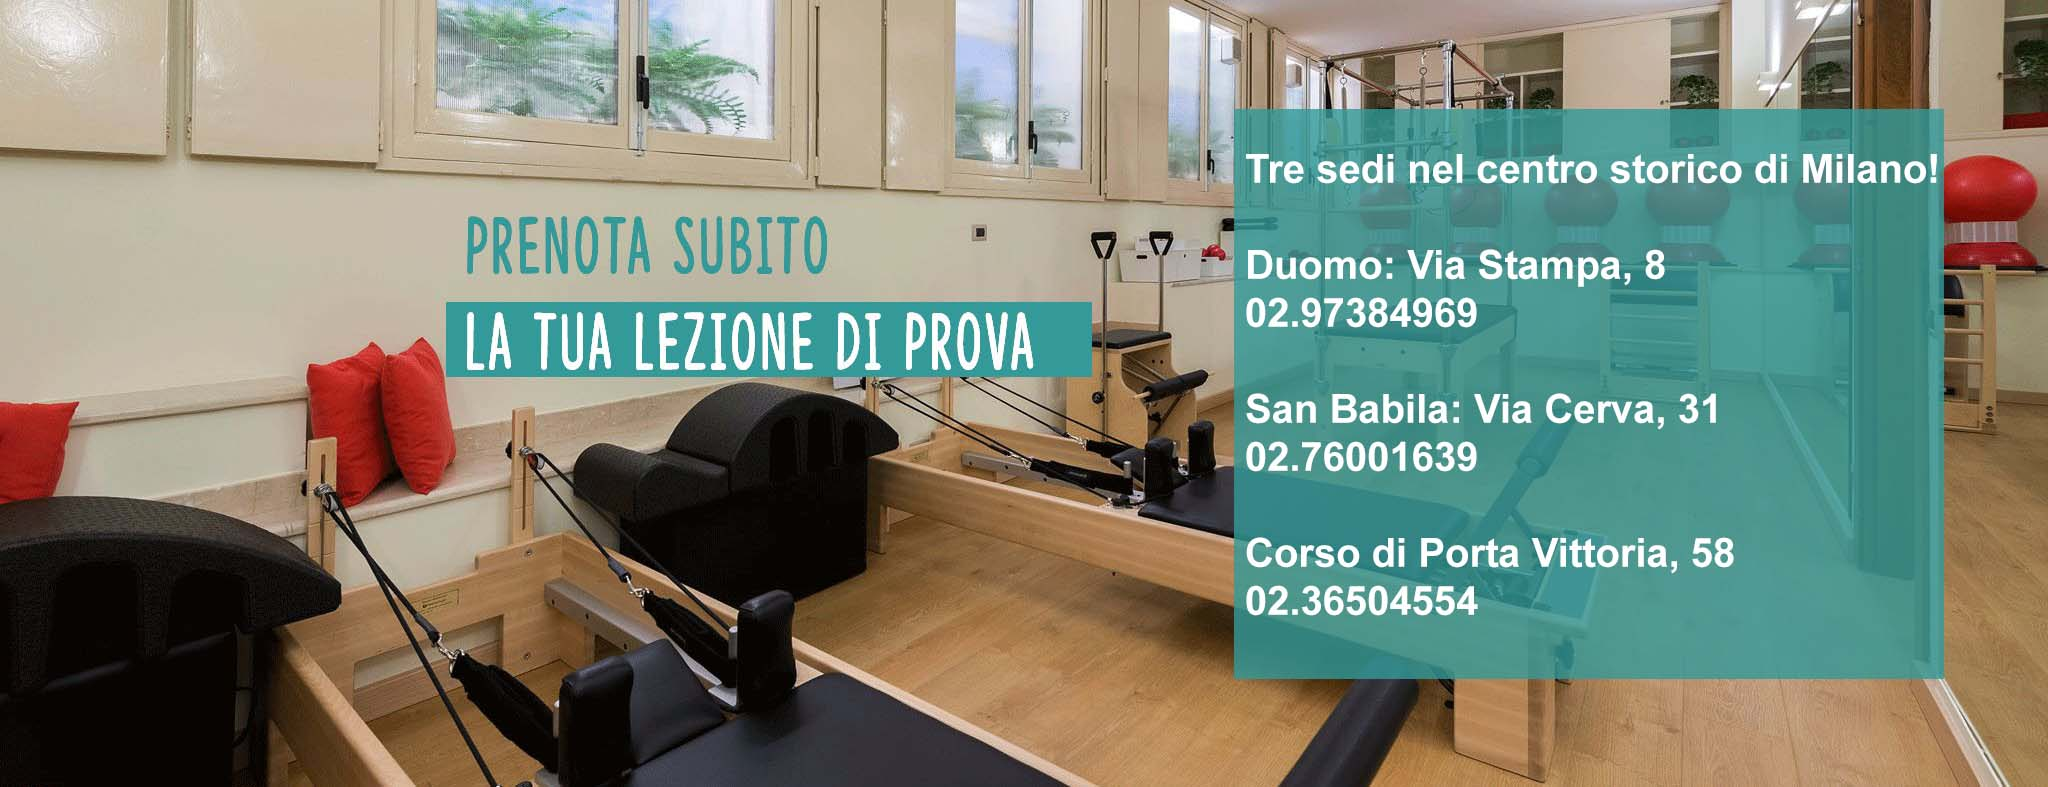 Ginnastica Posturale Milano Municipio 1 - Prenota subito la tua lezione di prova